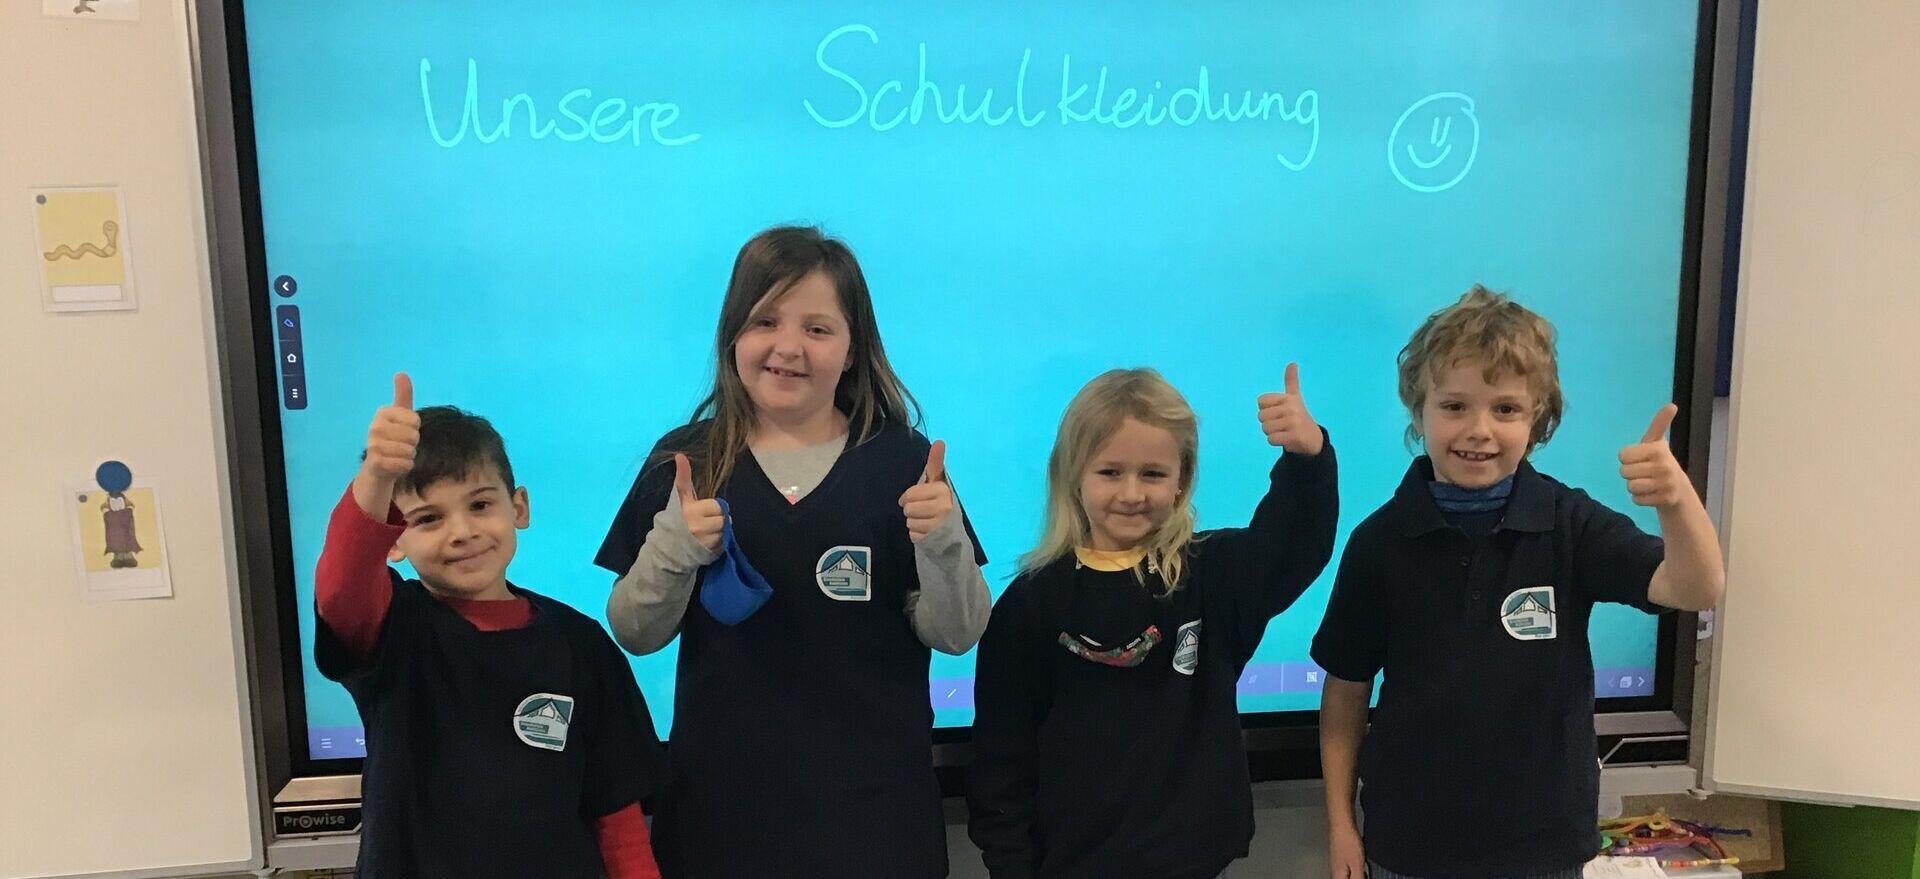 Unsere Schulkleidung